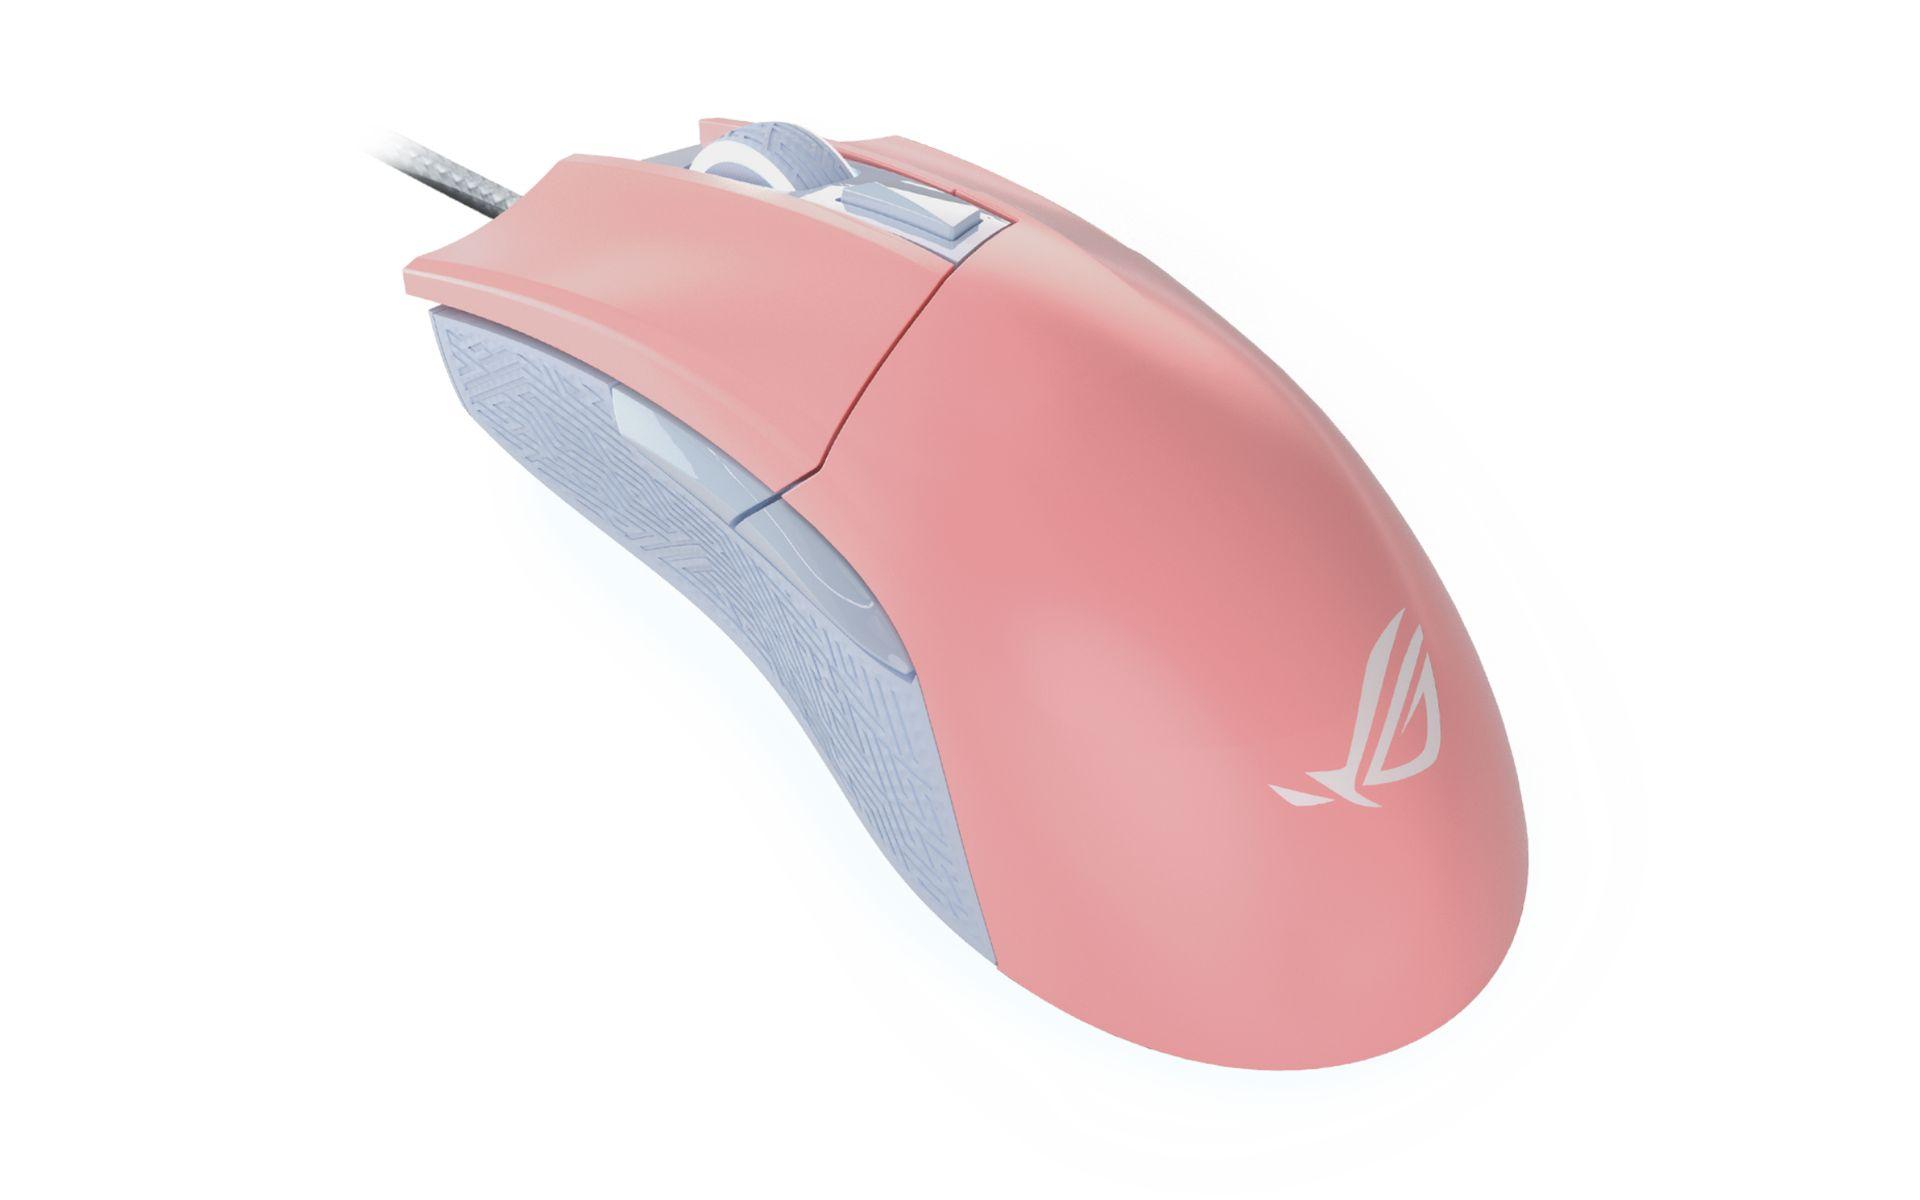 Chuột Máy Tính ASUS ROG Gladius II Pink